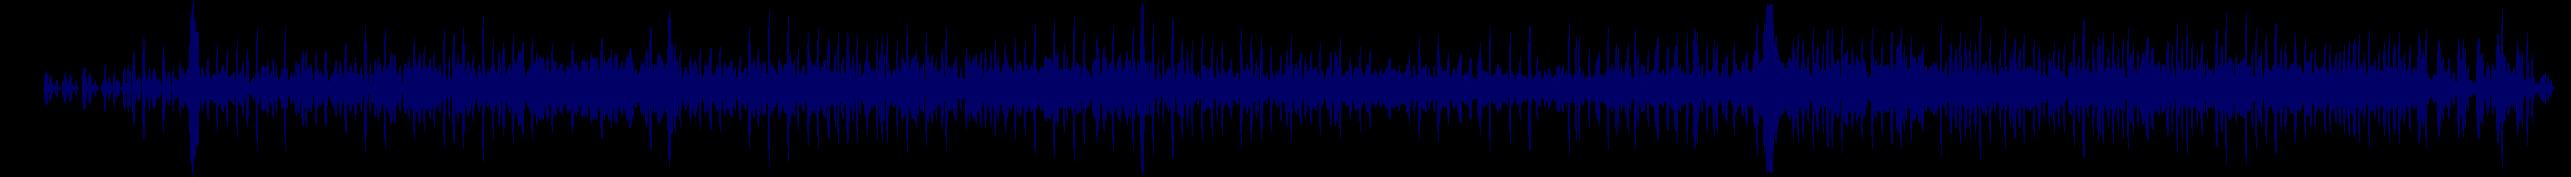 waveform of track #66696